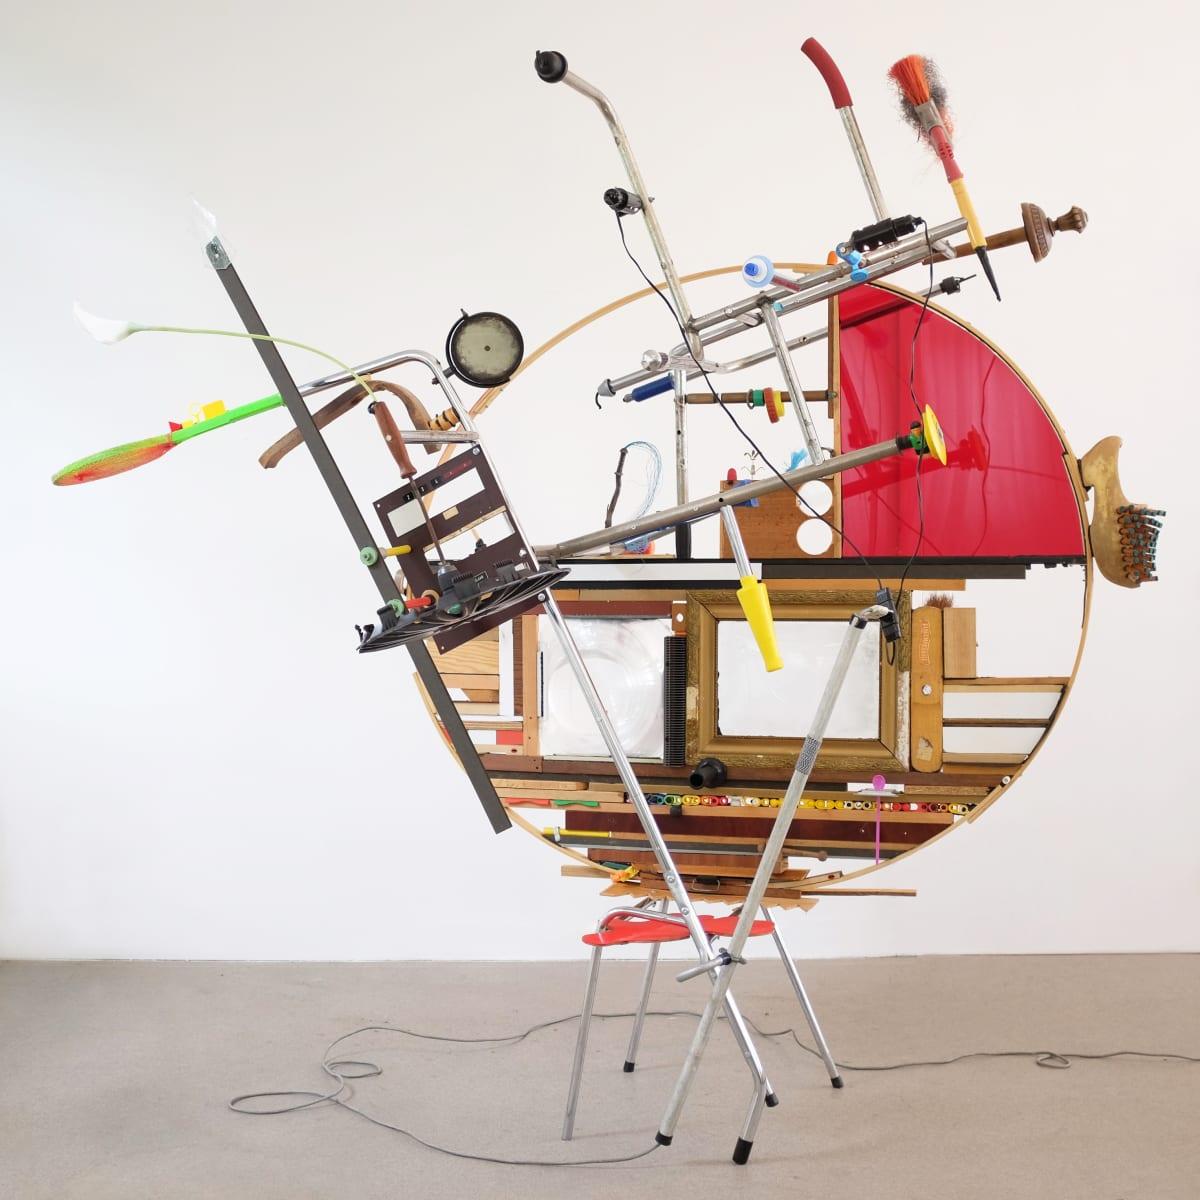 Jeroen FRATEUR, Chairwork - Alg. Schakelaar, 2016-2018